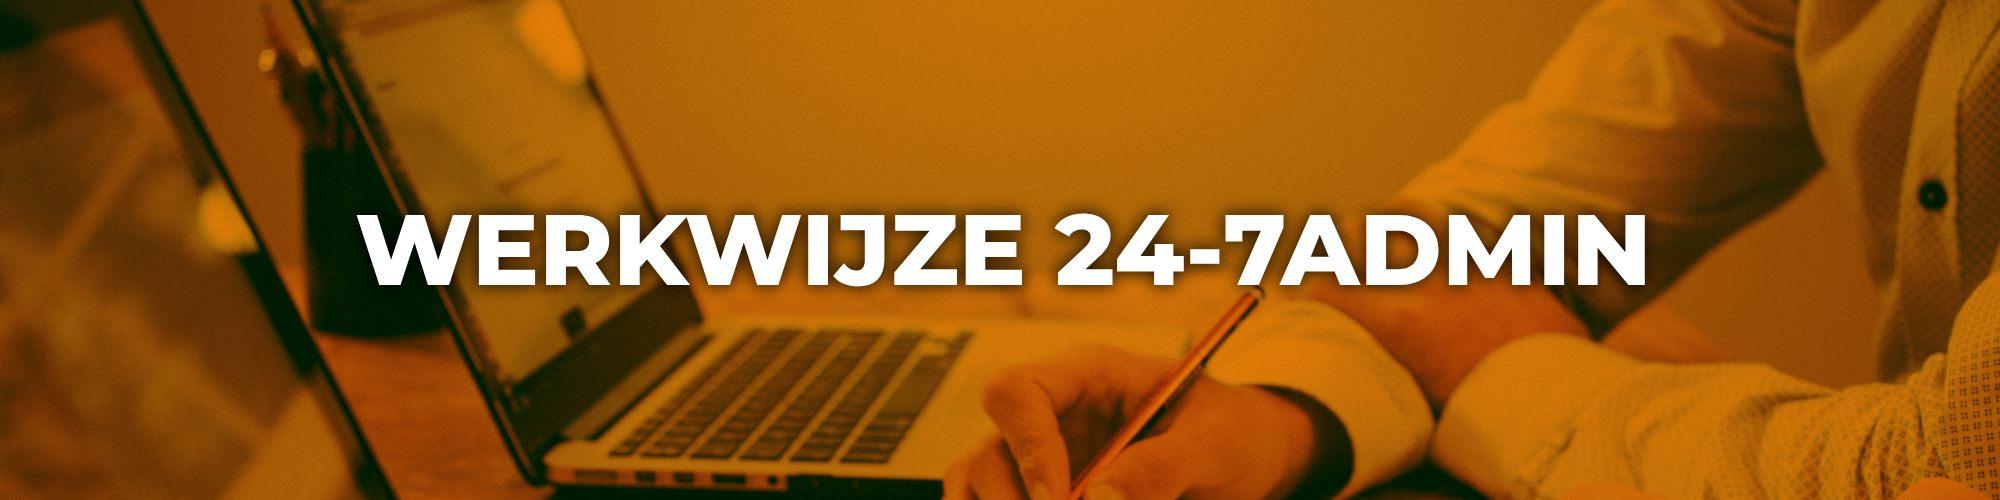 werkwijze-247admin